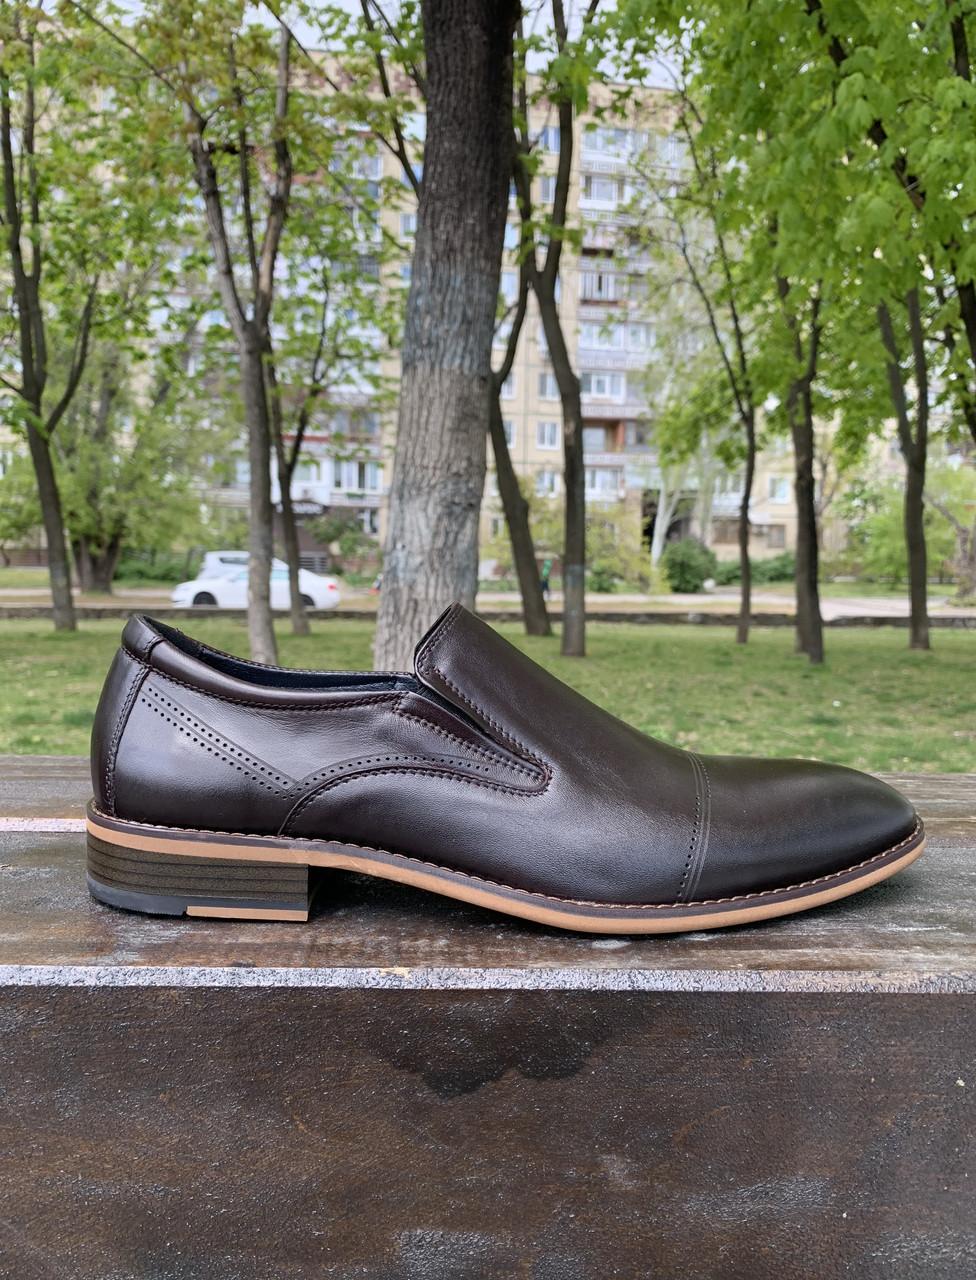 Мужские туфли лоферы JaCkers Италия натуральная кожа 40